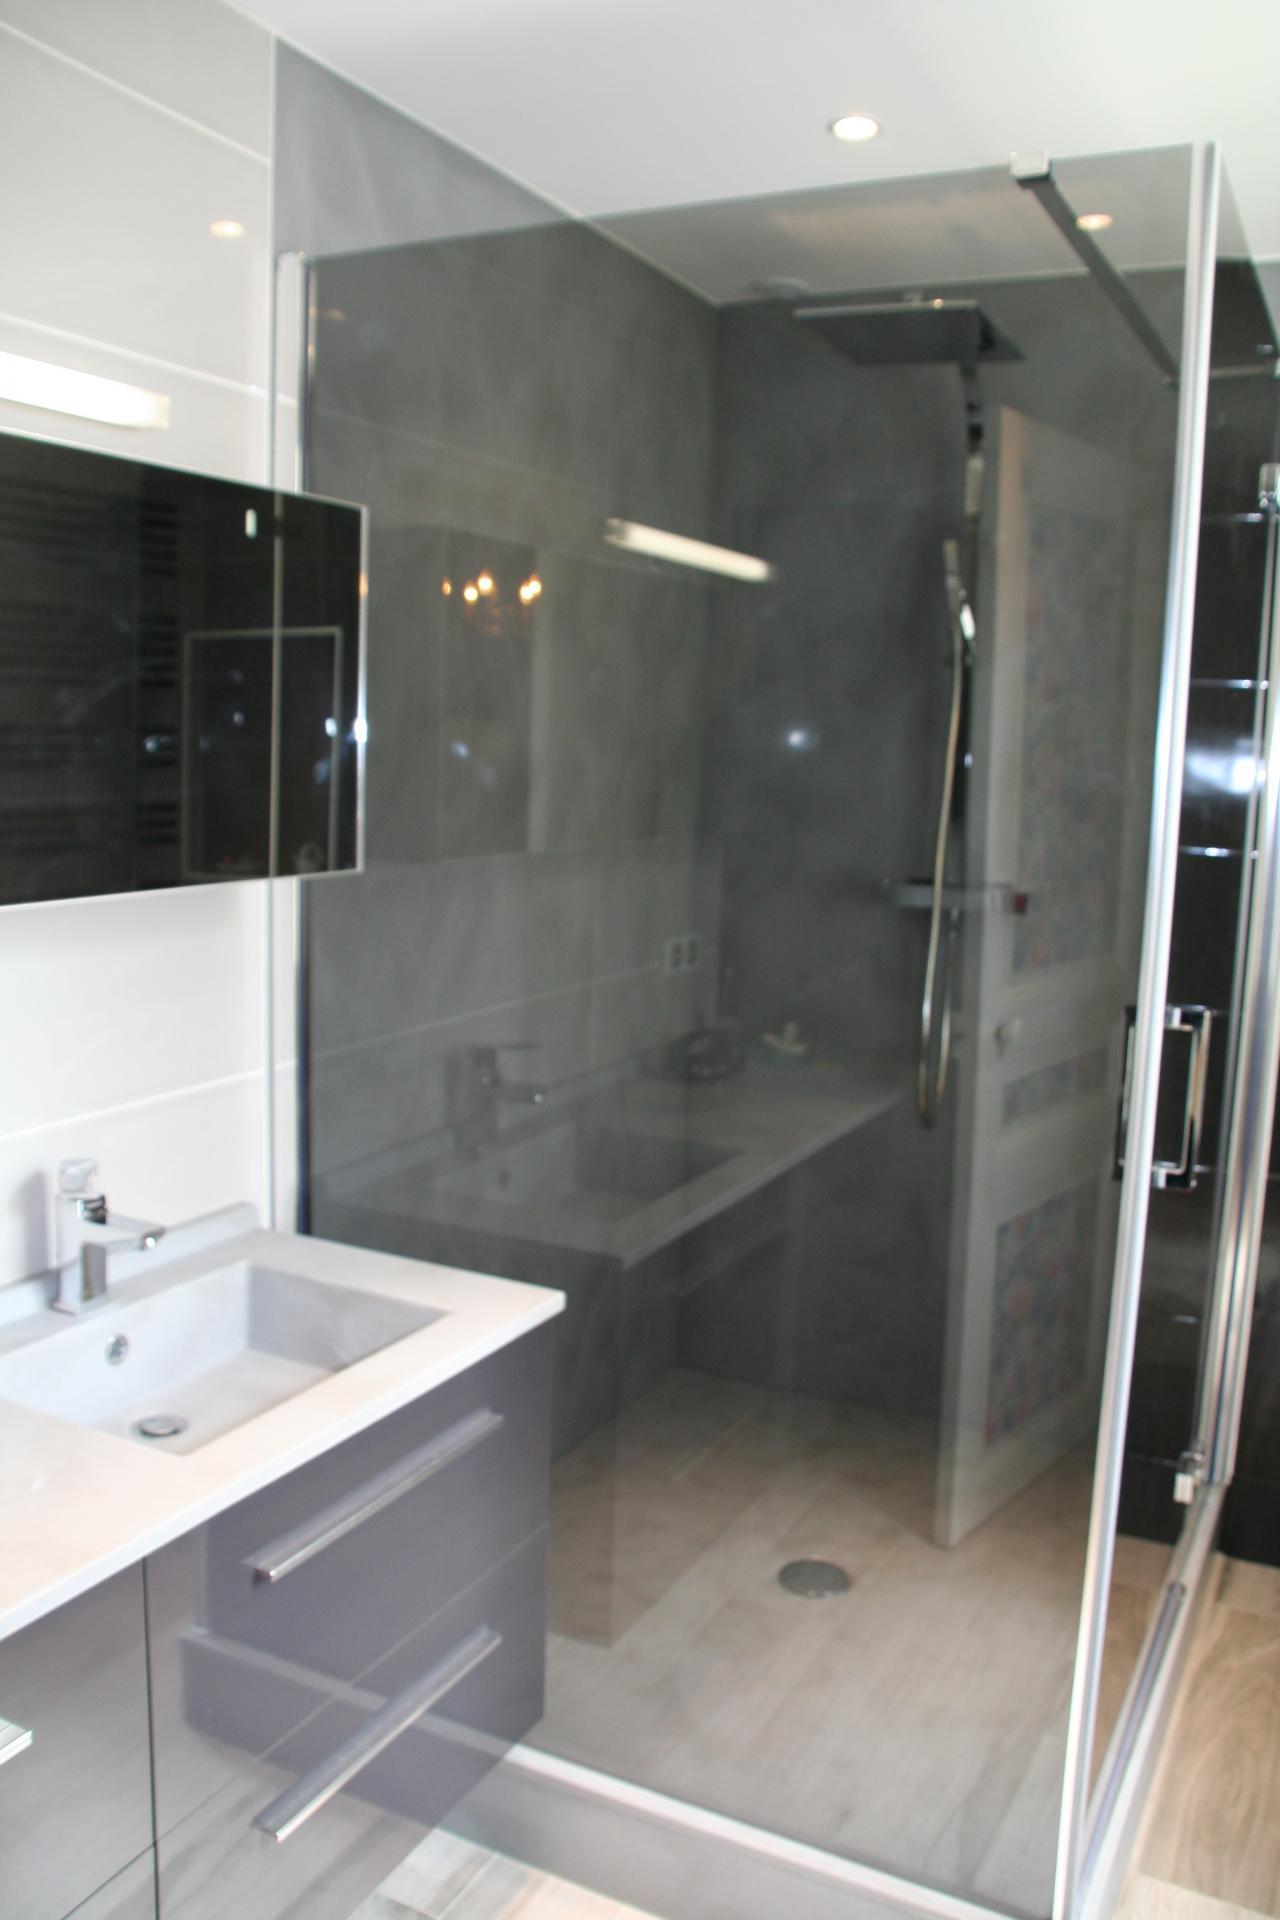 Salle de bains : réfection compléte . Mariage de couleurs foncés et de tons chauds